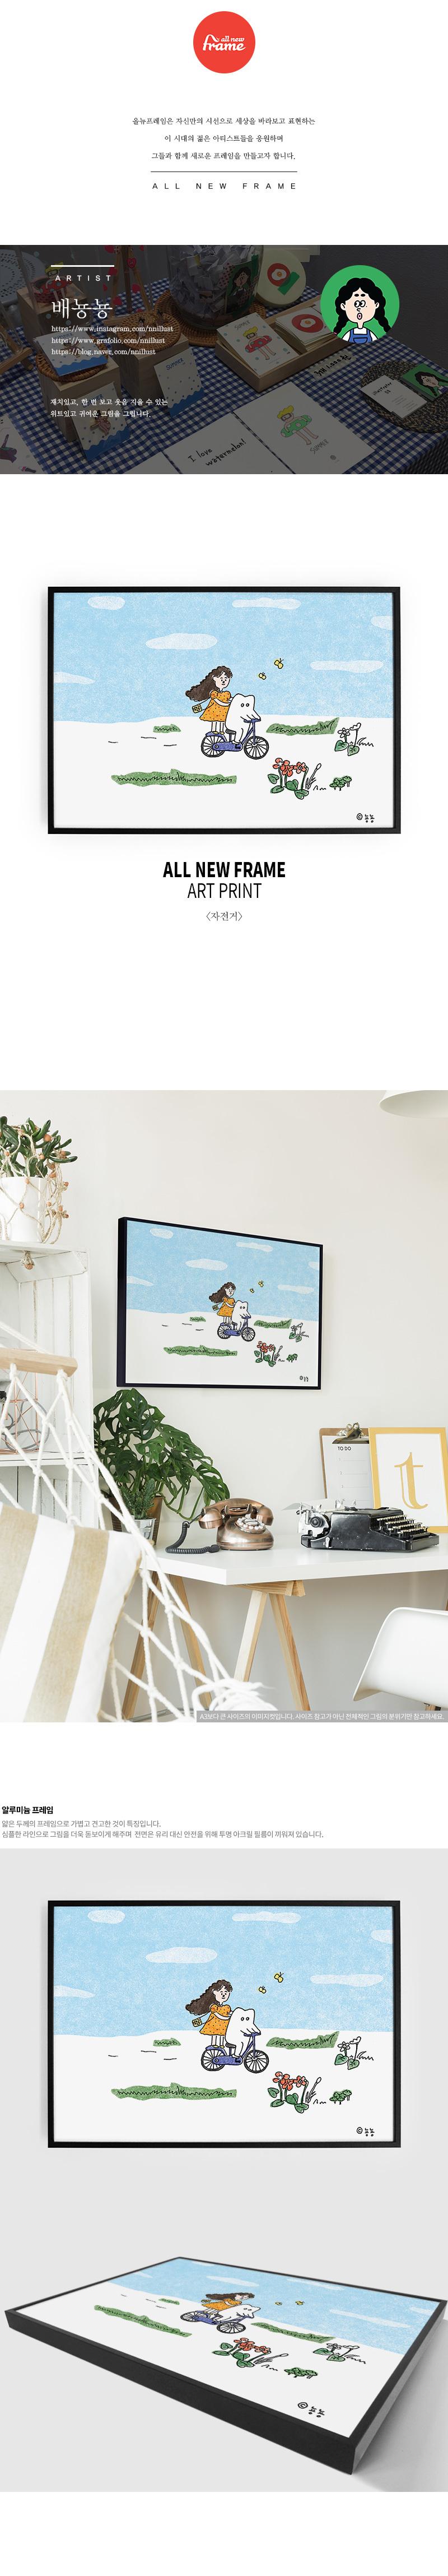 자전거- 일러스트 액자 - 올뉴프레임, 55,000원, 홈갤러리, 캔버스아트